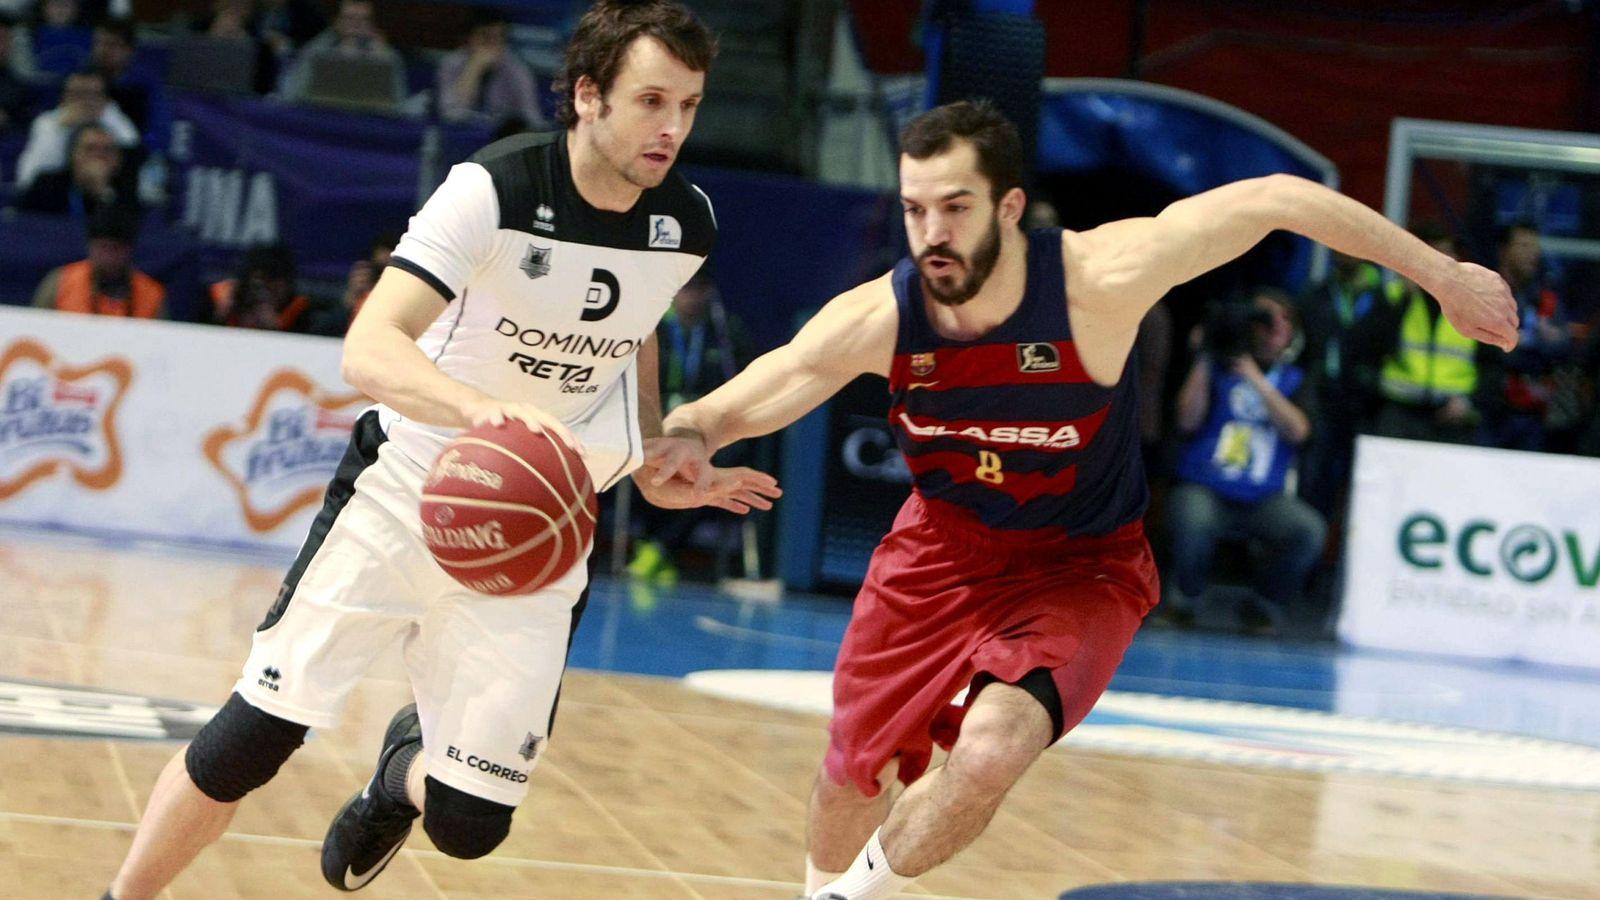 Foto: Raül López juega en el Dominion Bilbao Basket desde 2011 (Cabalar/Efe)